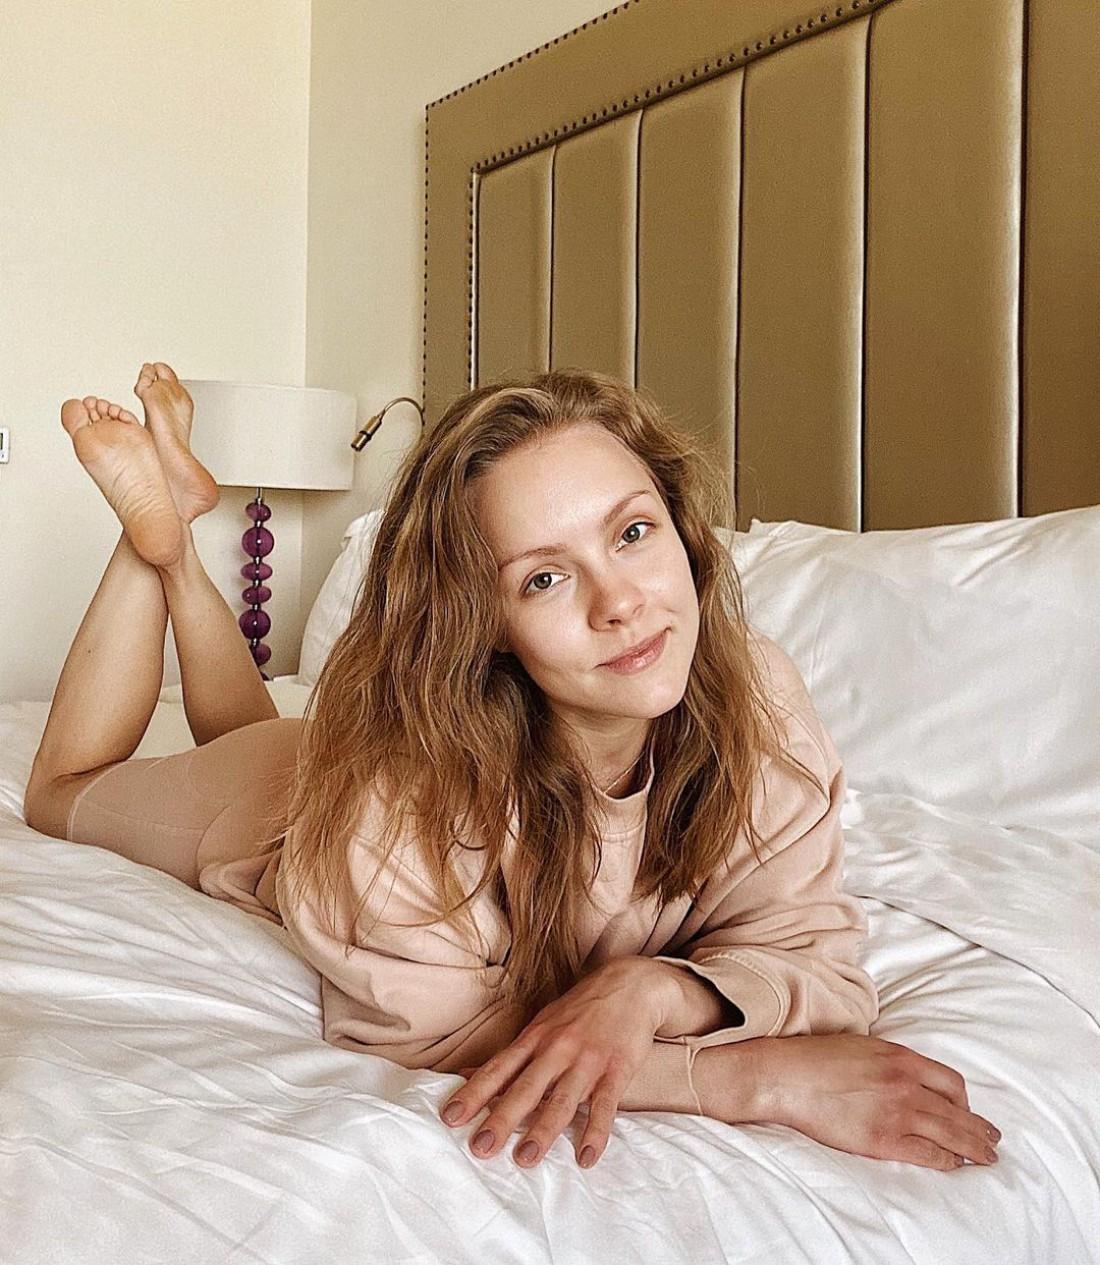 Алена Шоптенко запостила постельное фото с отдыха в ОАЭ